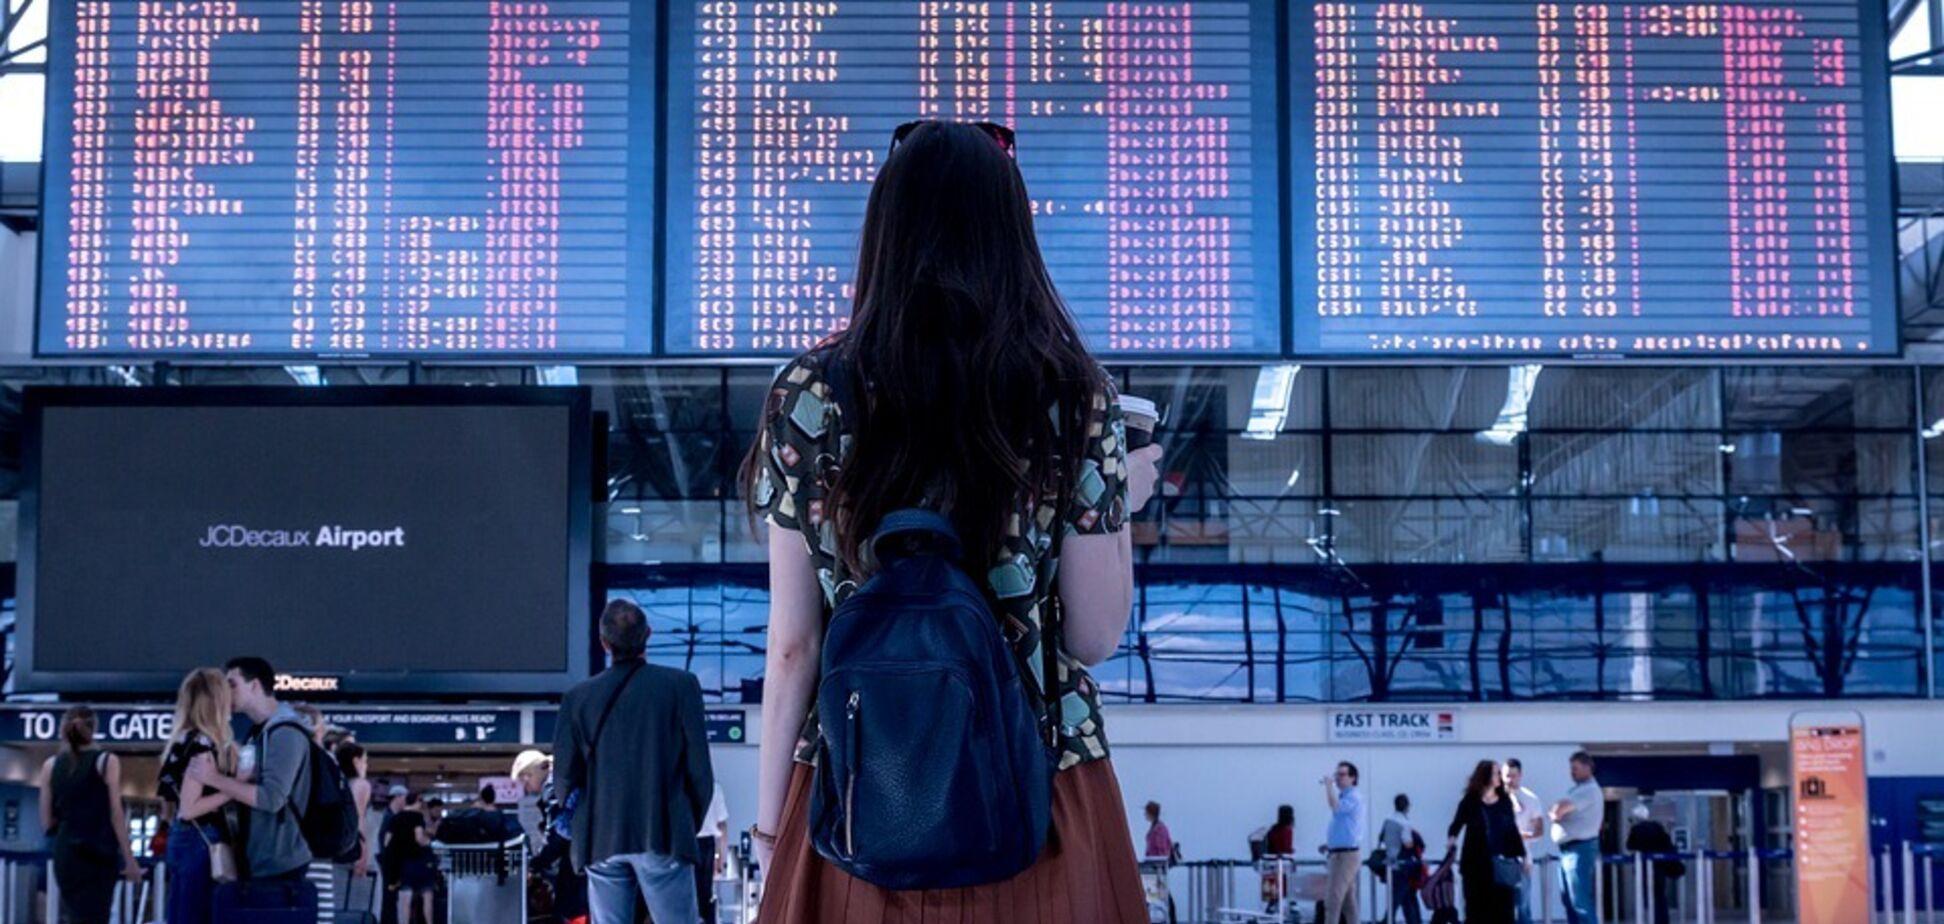 Затримали або скасували рейс: українським туристам сказали, що робити